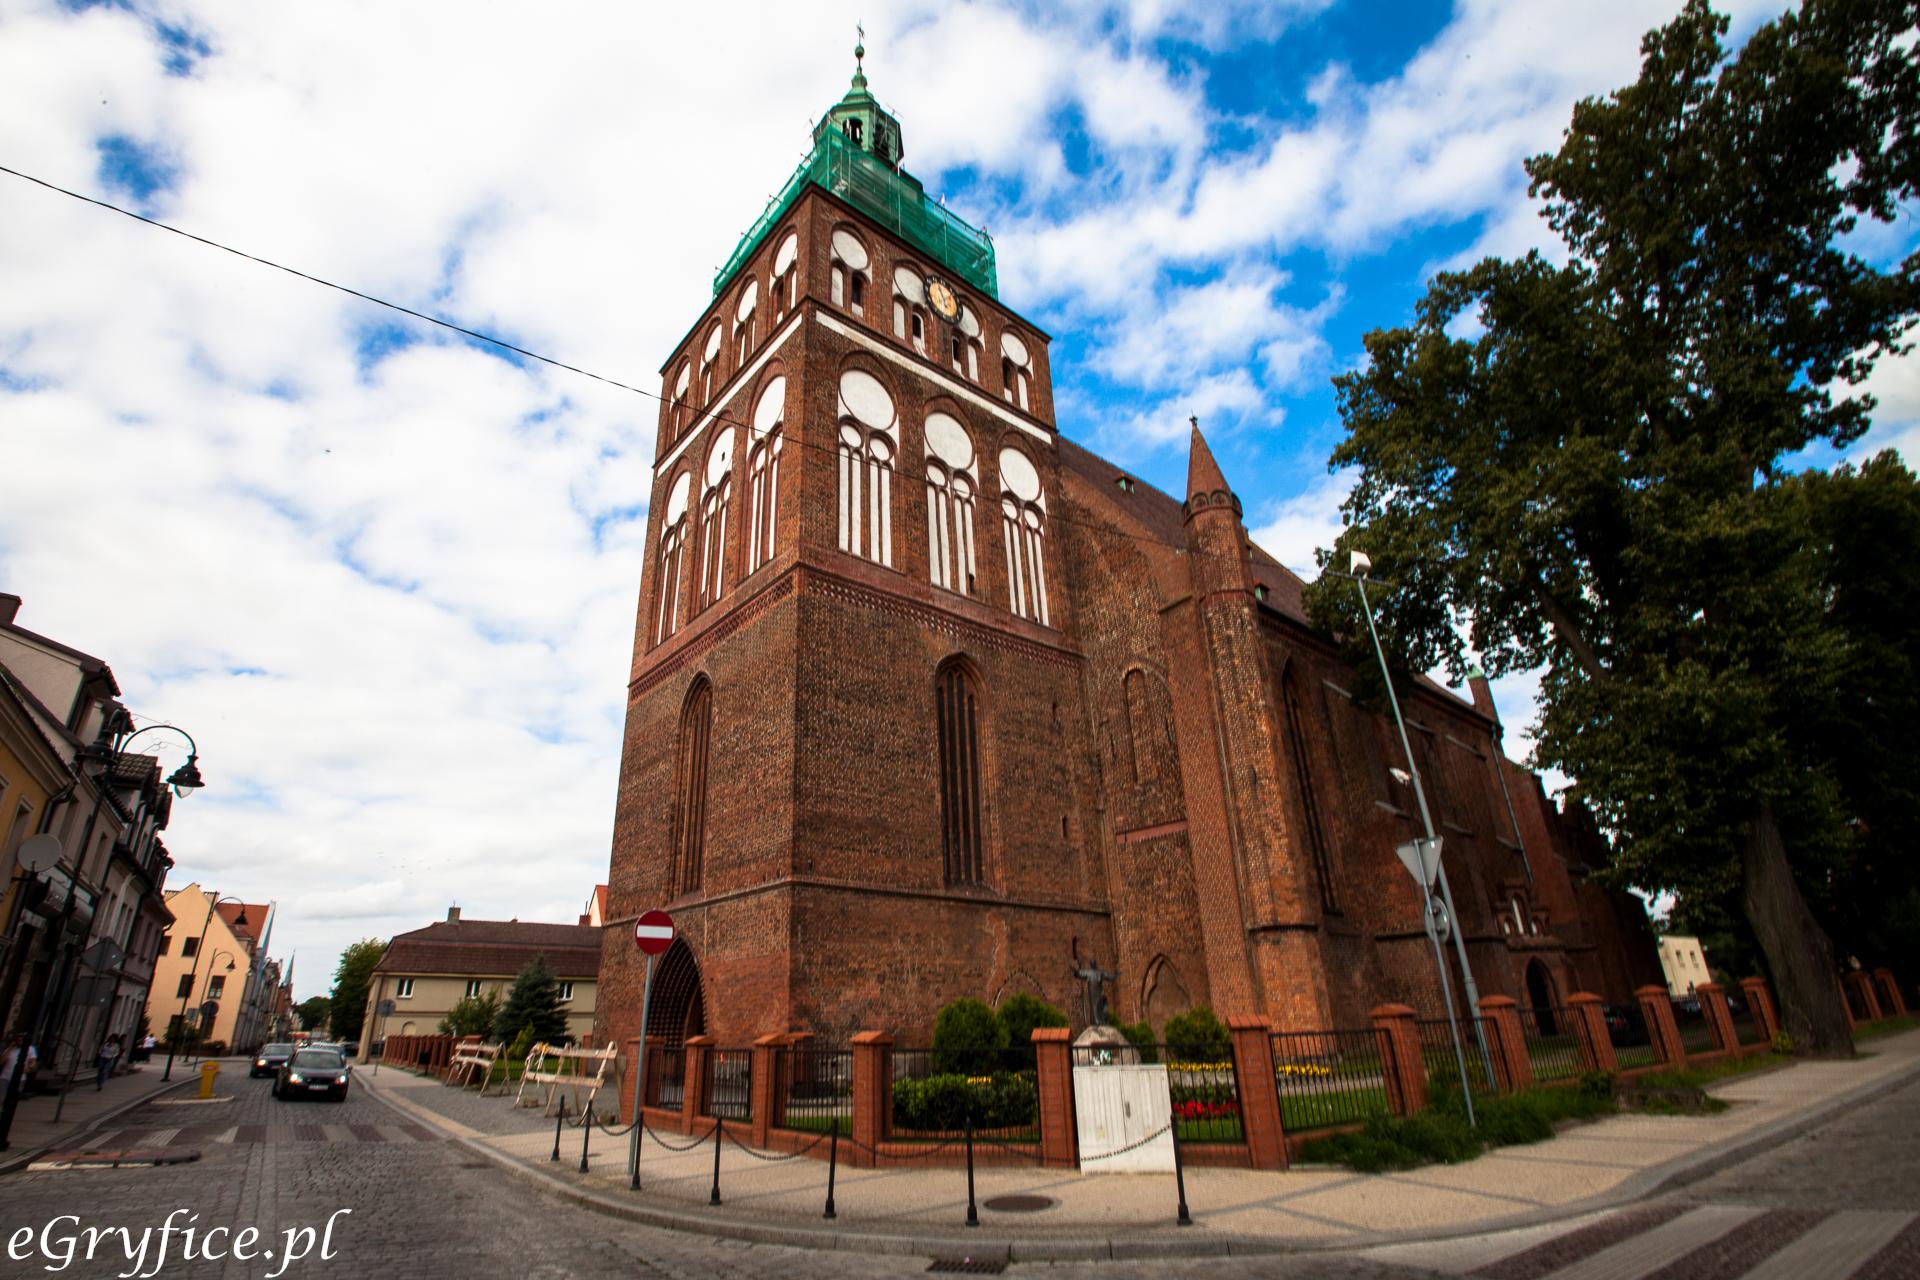 duży kościół w Gryficach